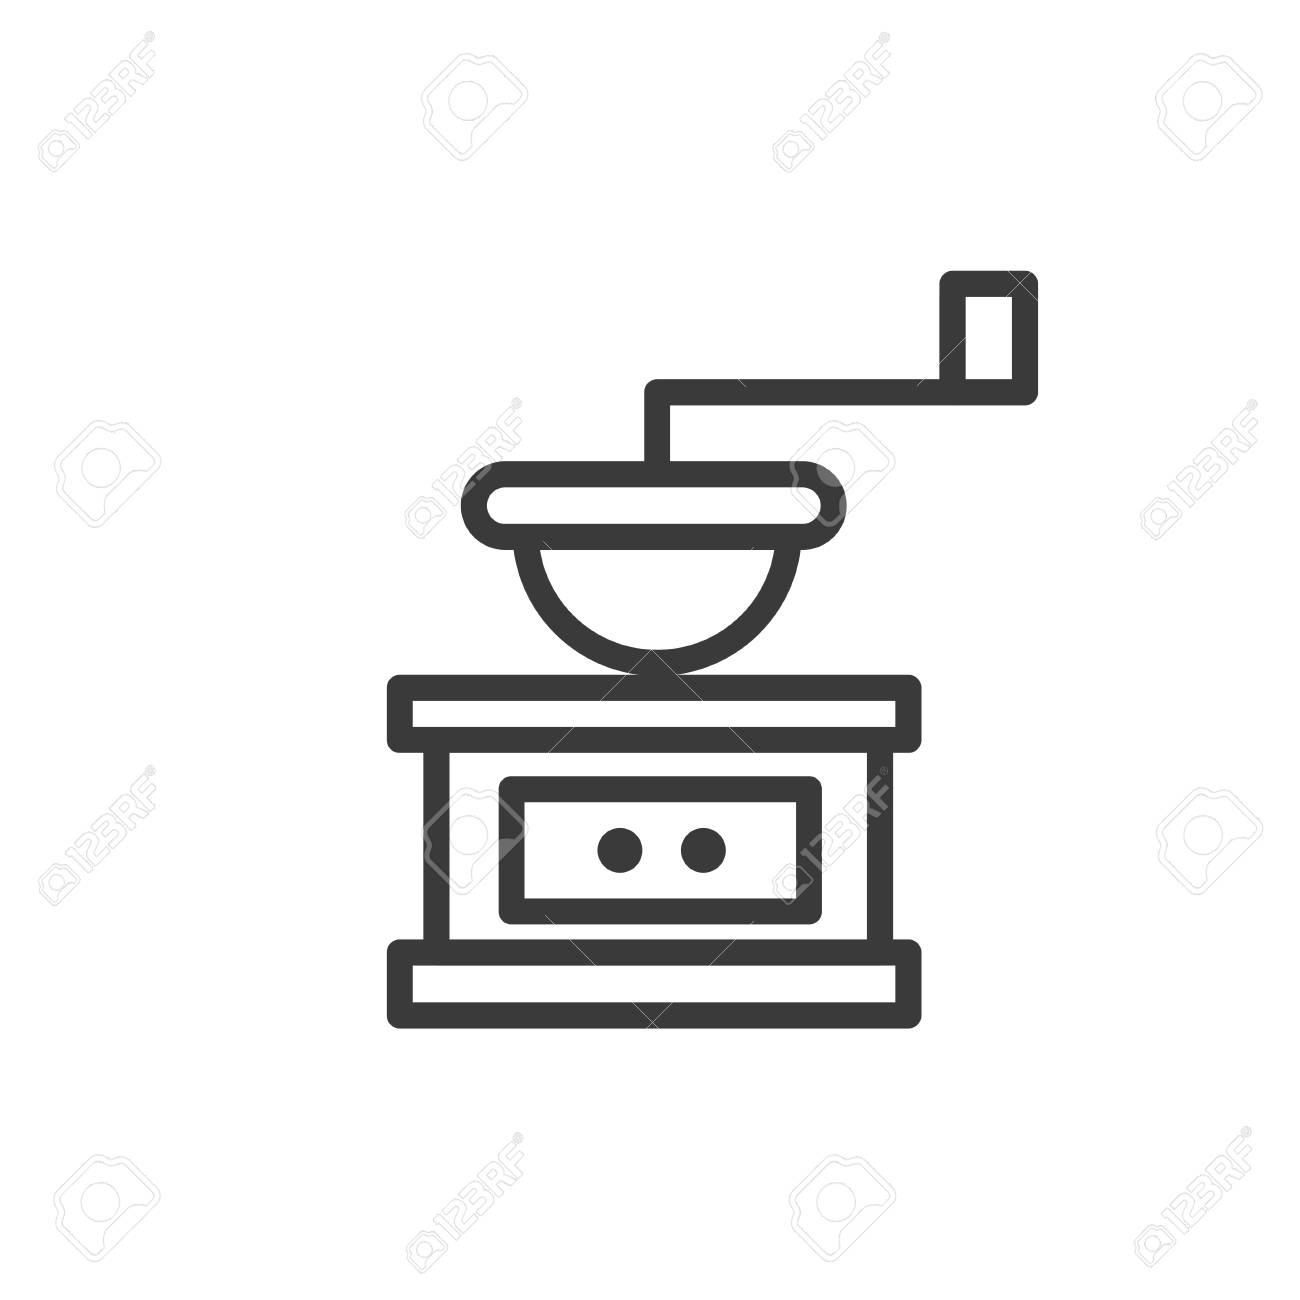 Conception De Ligne Cafe Icones Pour Les Menus Restaurant